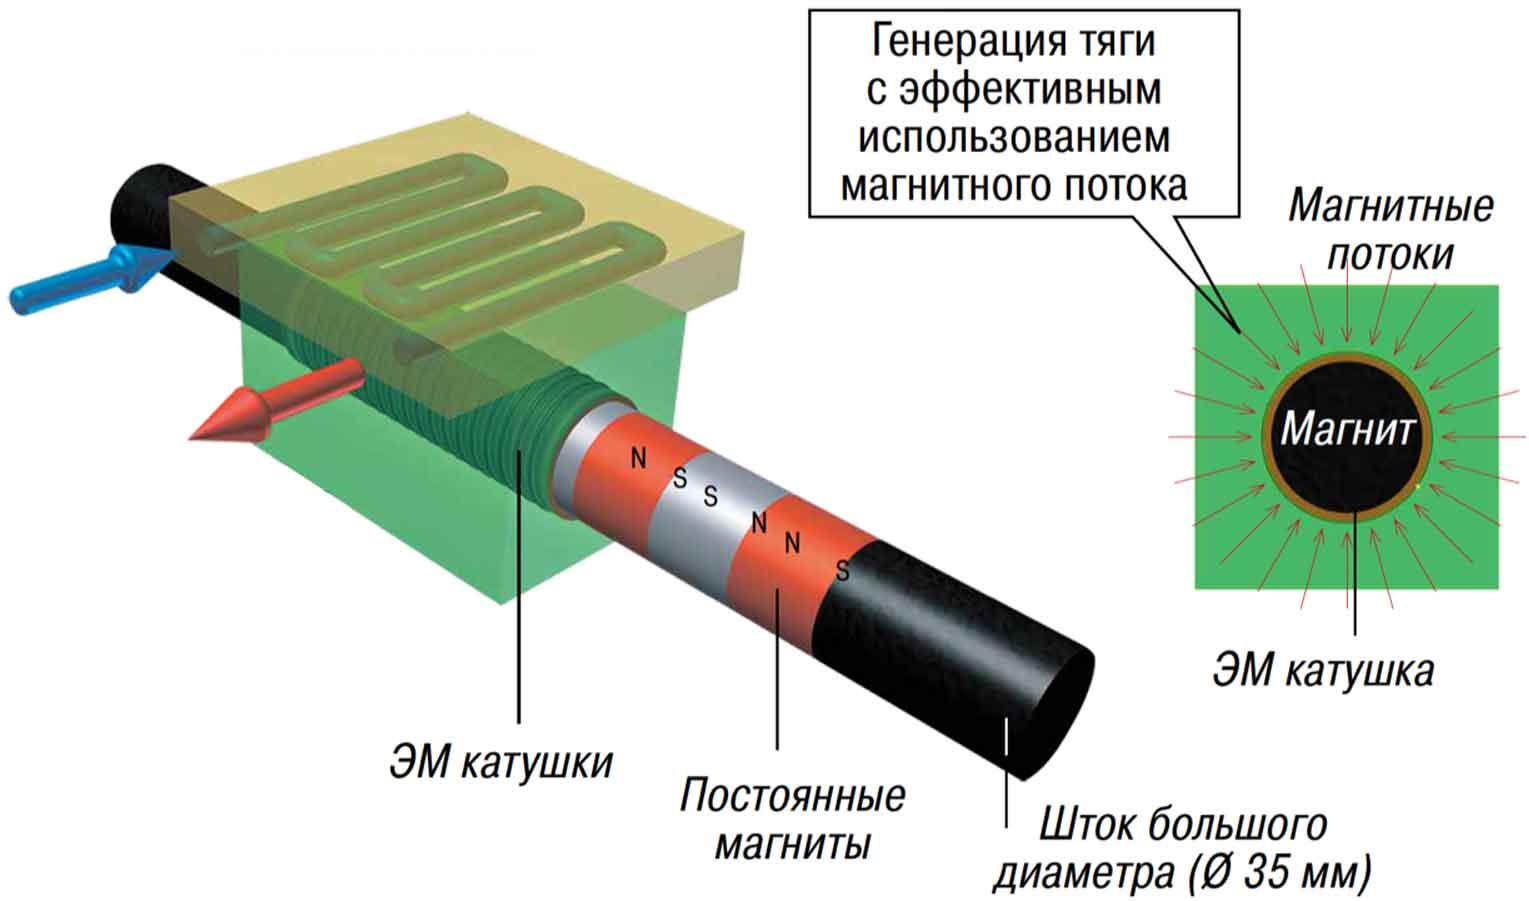 Excetek shaft linear